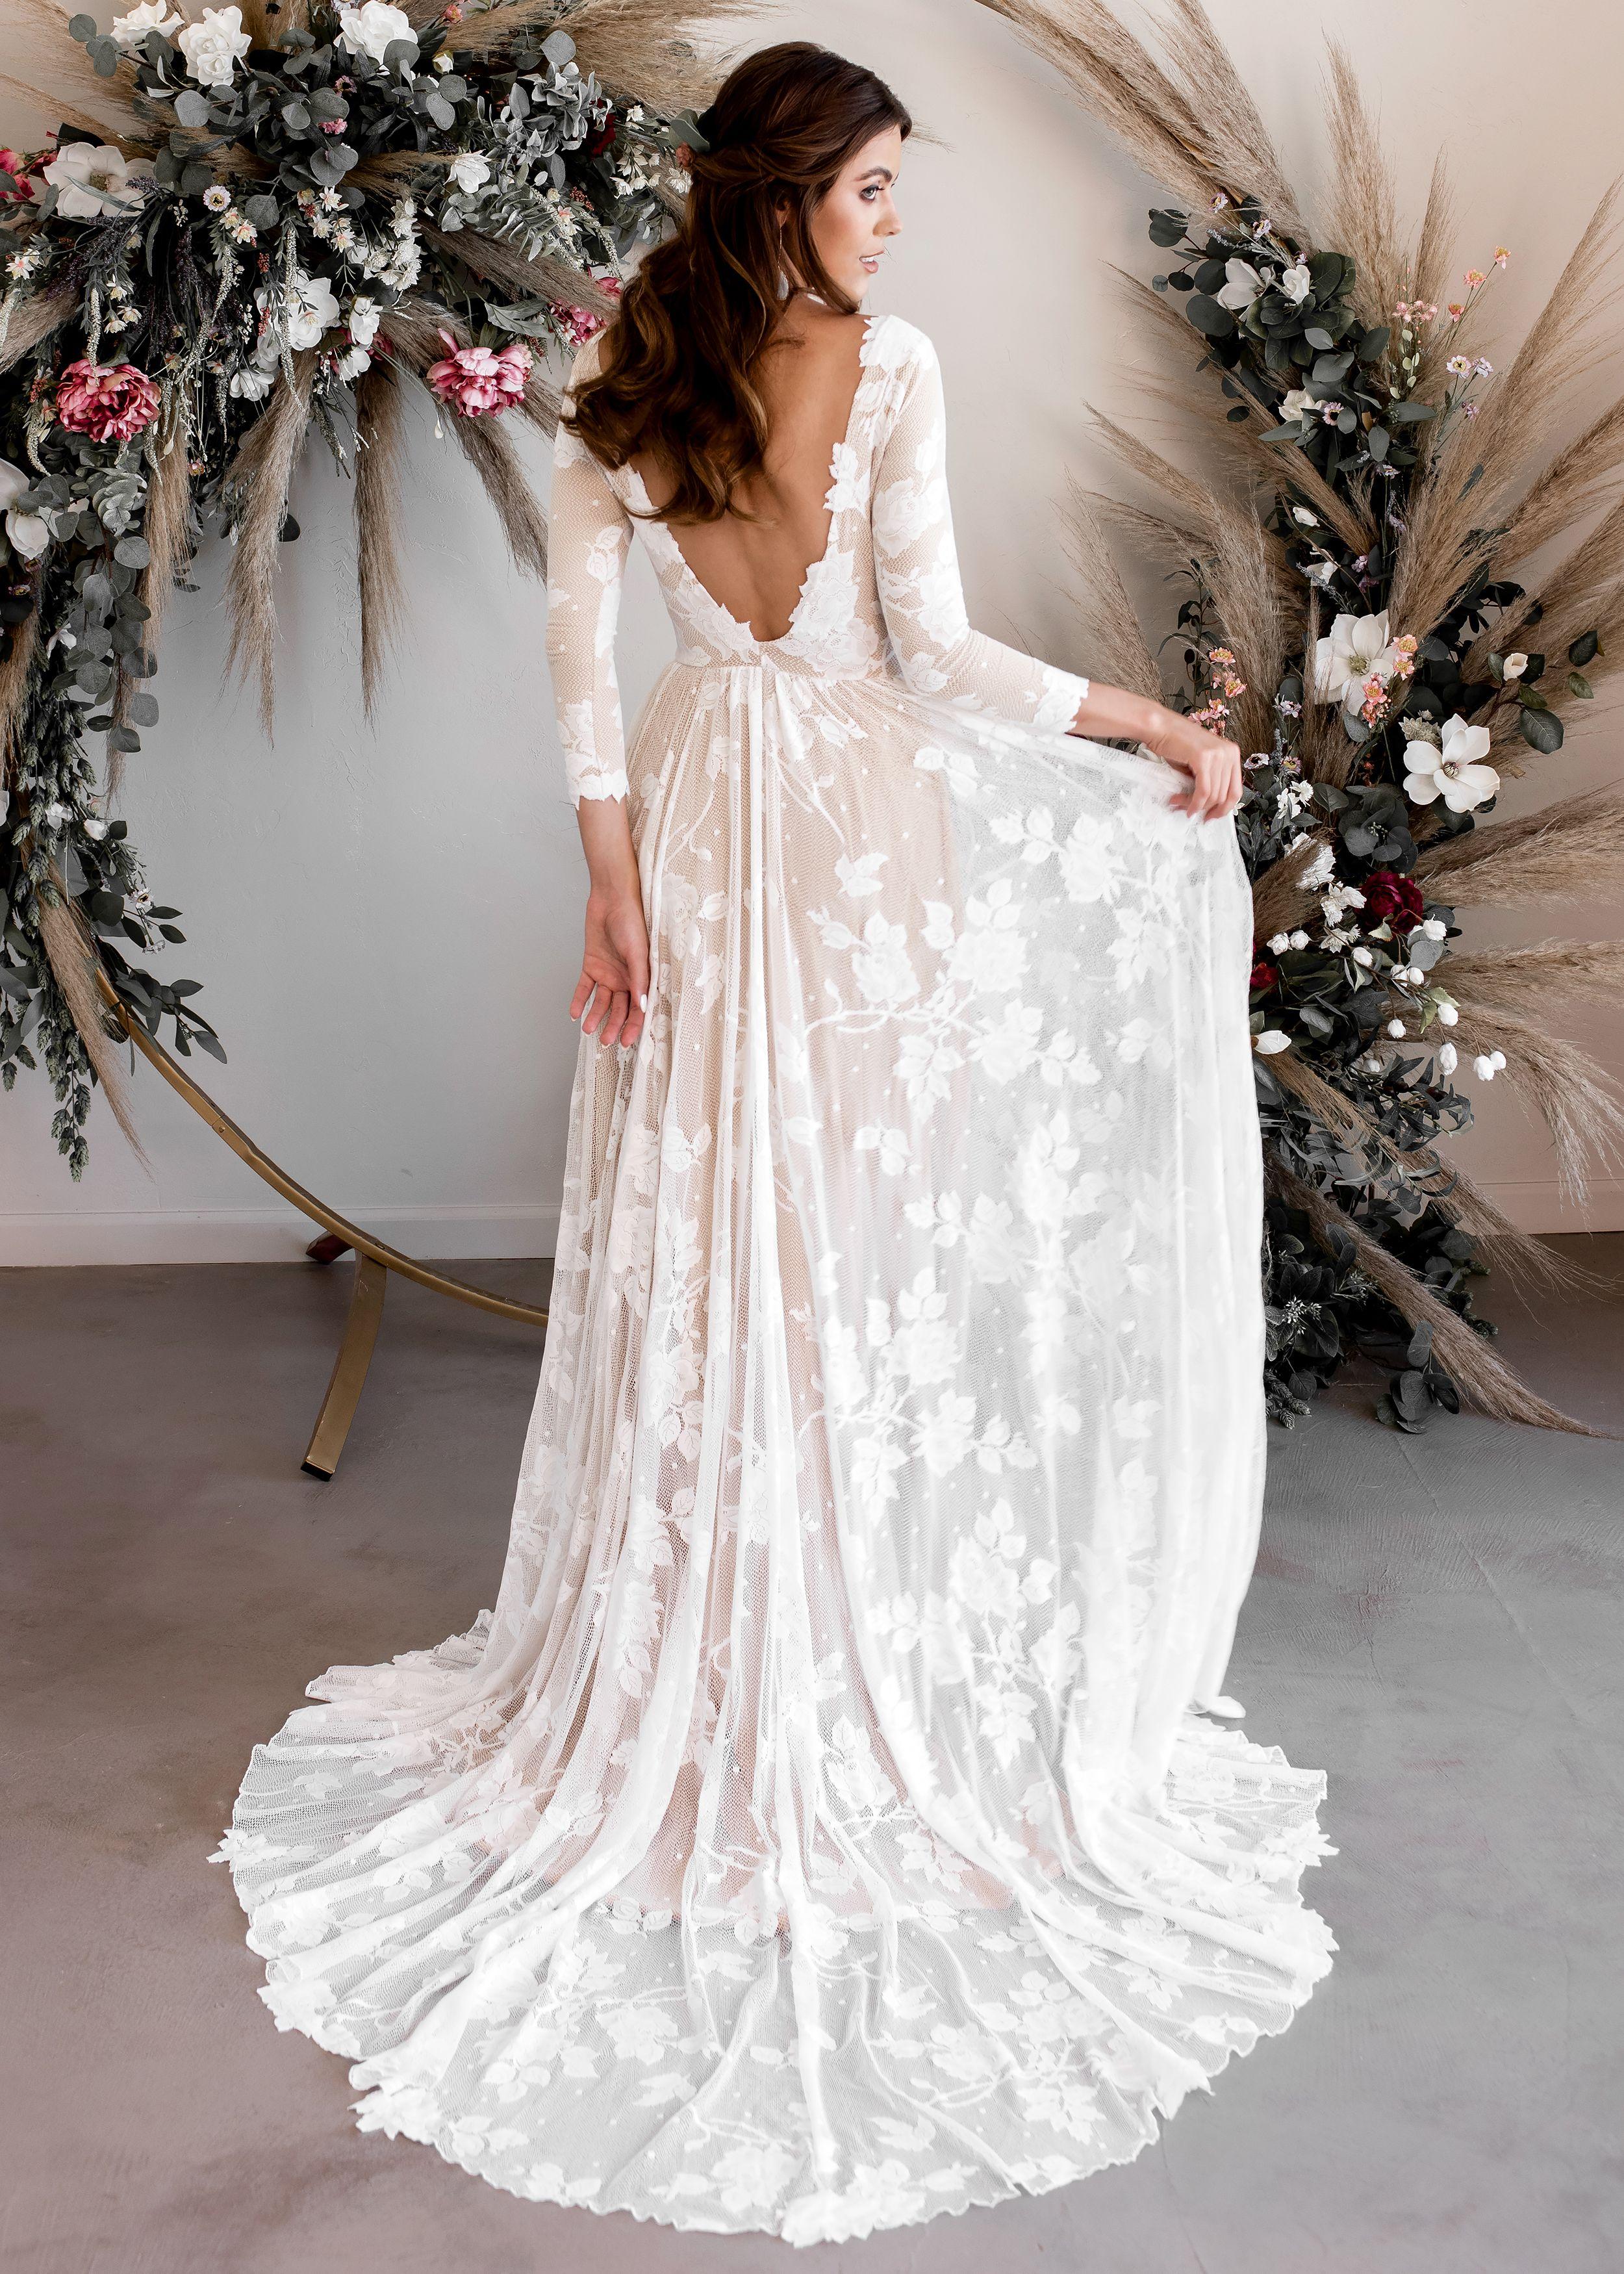 Wear Your Love Wedding Dress Indie Wedding Dress Wedding Dress Low Back Wedding Dresses